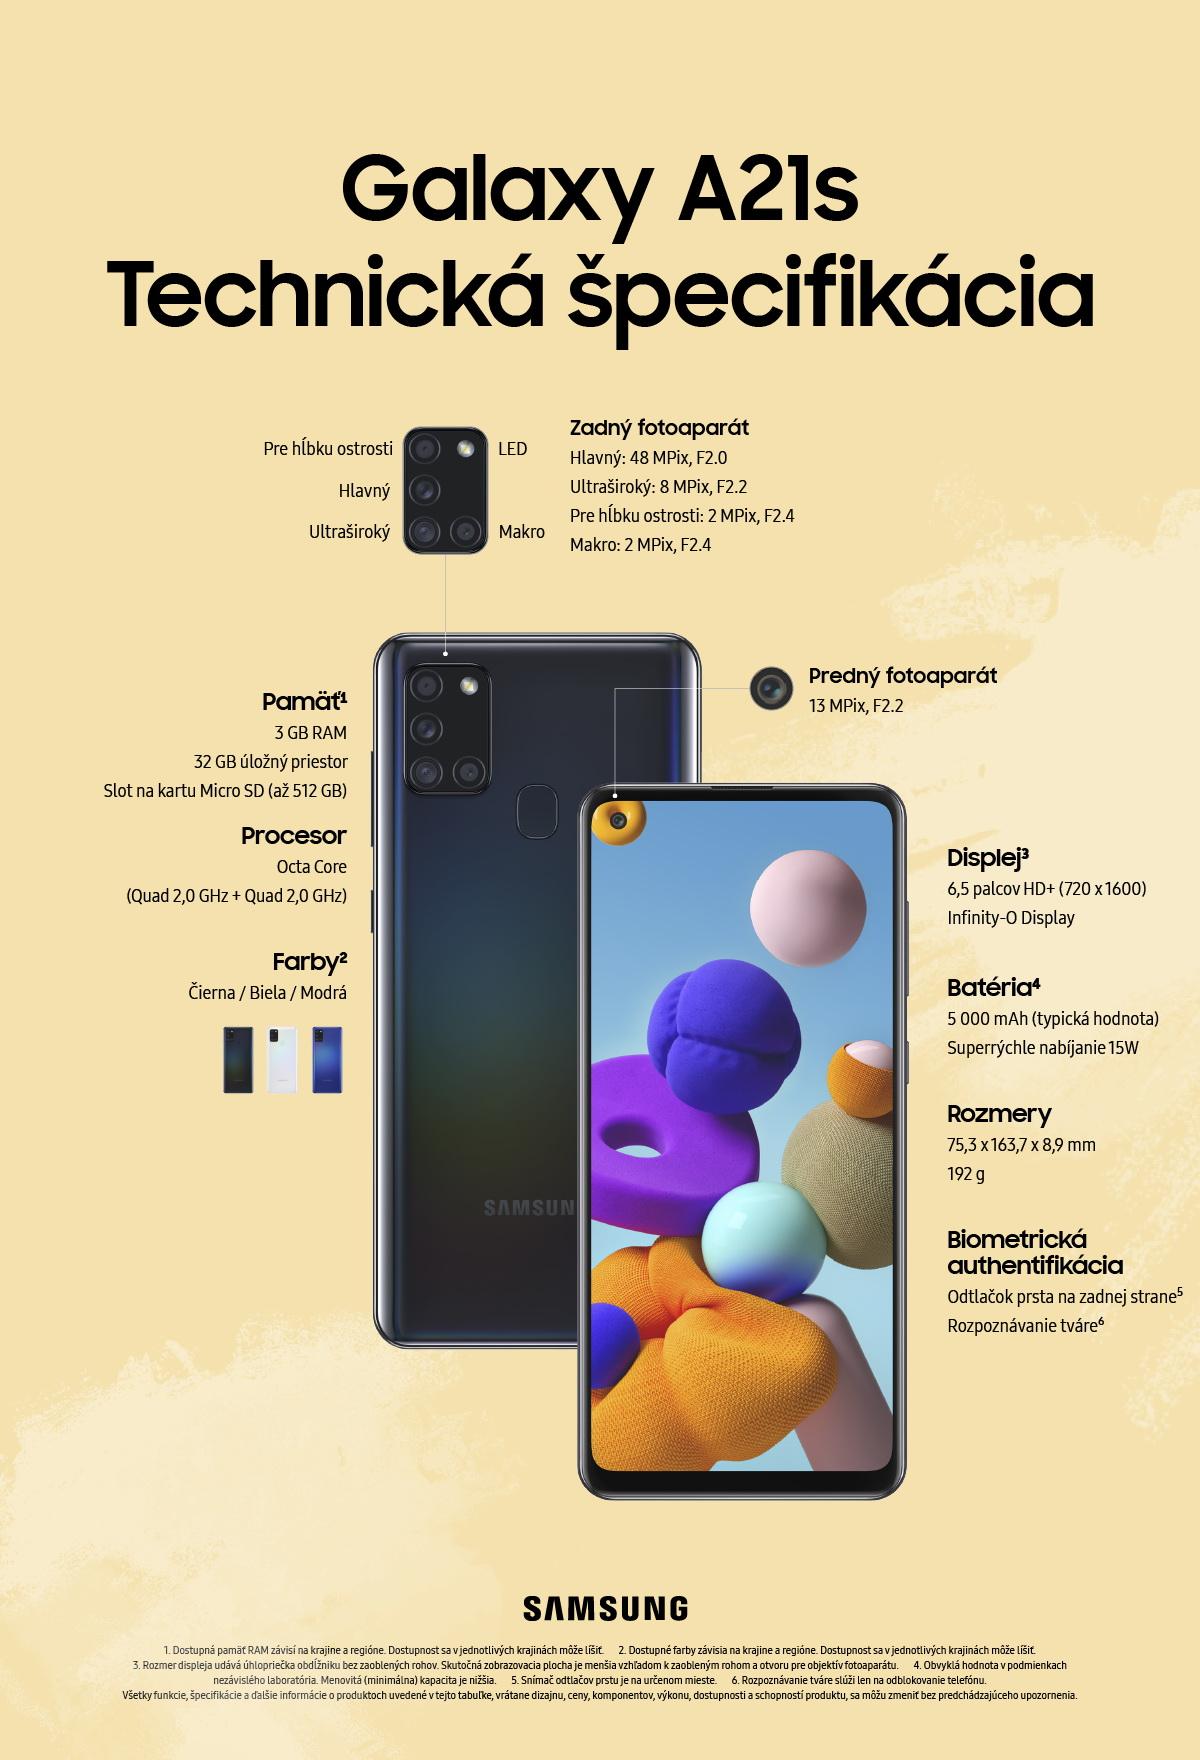 سامسونج قادمة إلى سلوفاكيا Galaxy A21s: يكلف 209 يورو ، ولديه 4 كاميرات ومعدات لائقة للغاية 1